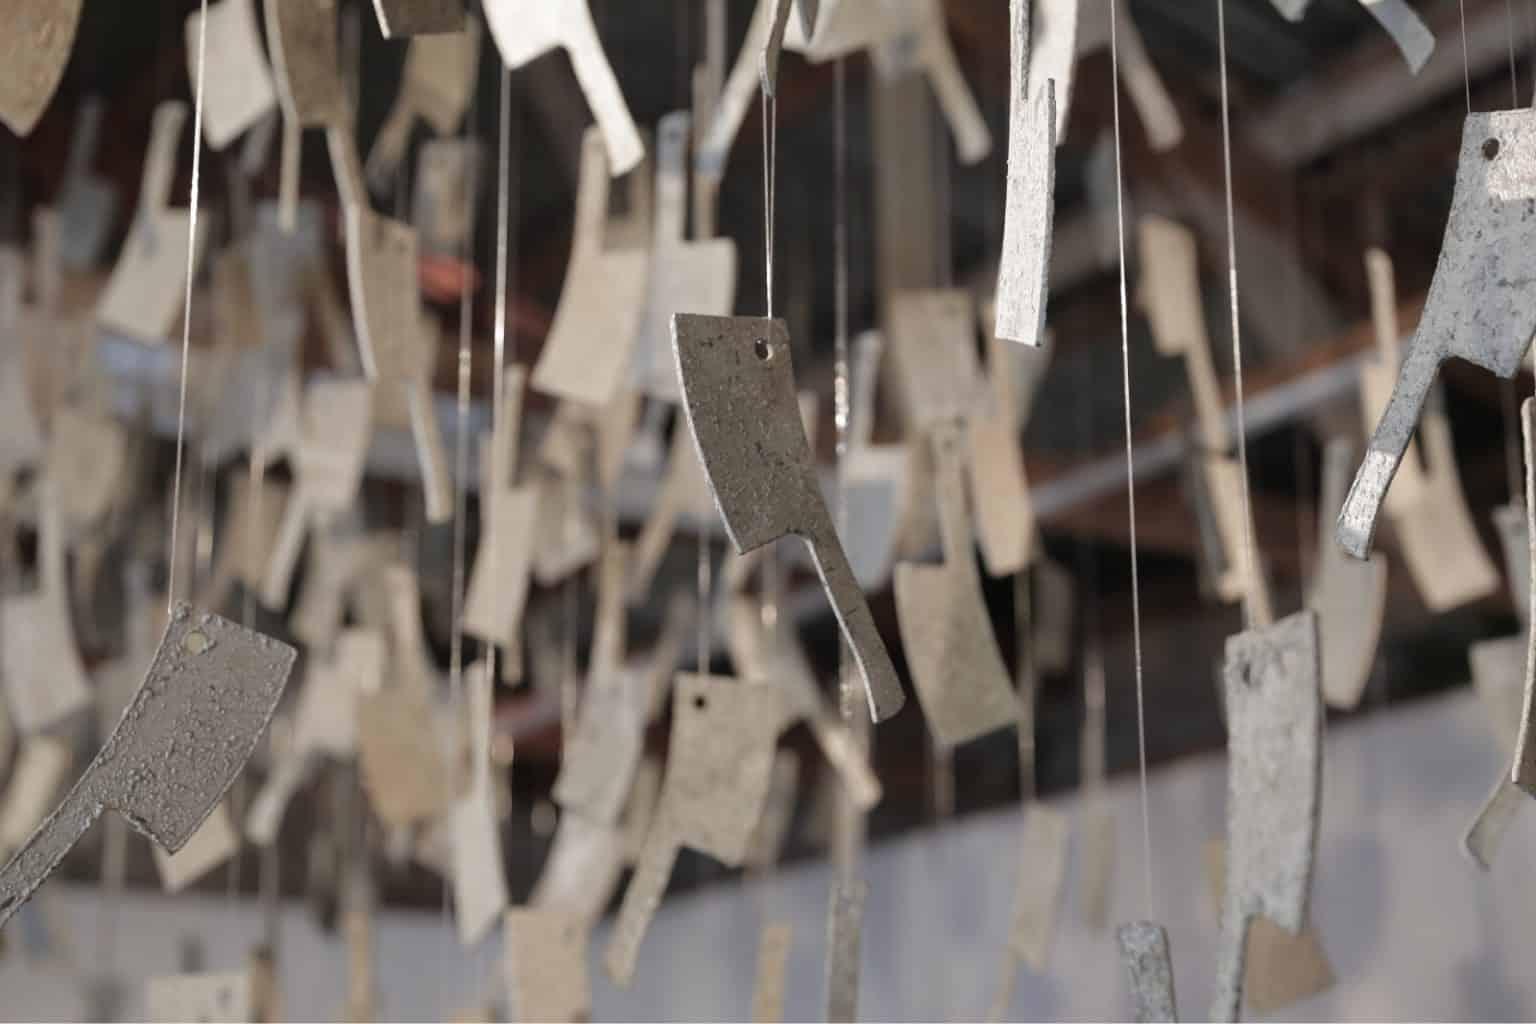 חנאן אבו־חוסיין, חופש רגעי, 2015. מיצב בטון וטכניקה מעורבת, אוסף האמנית